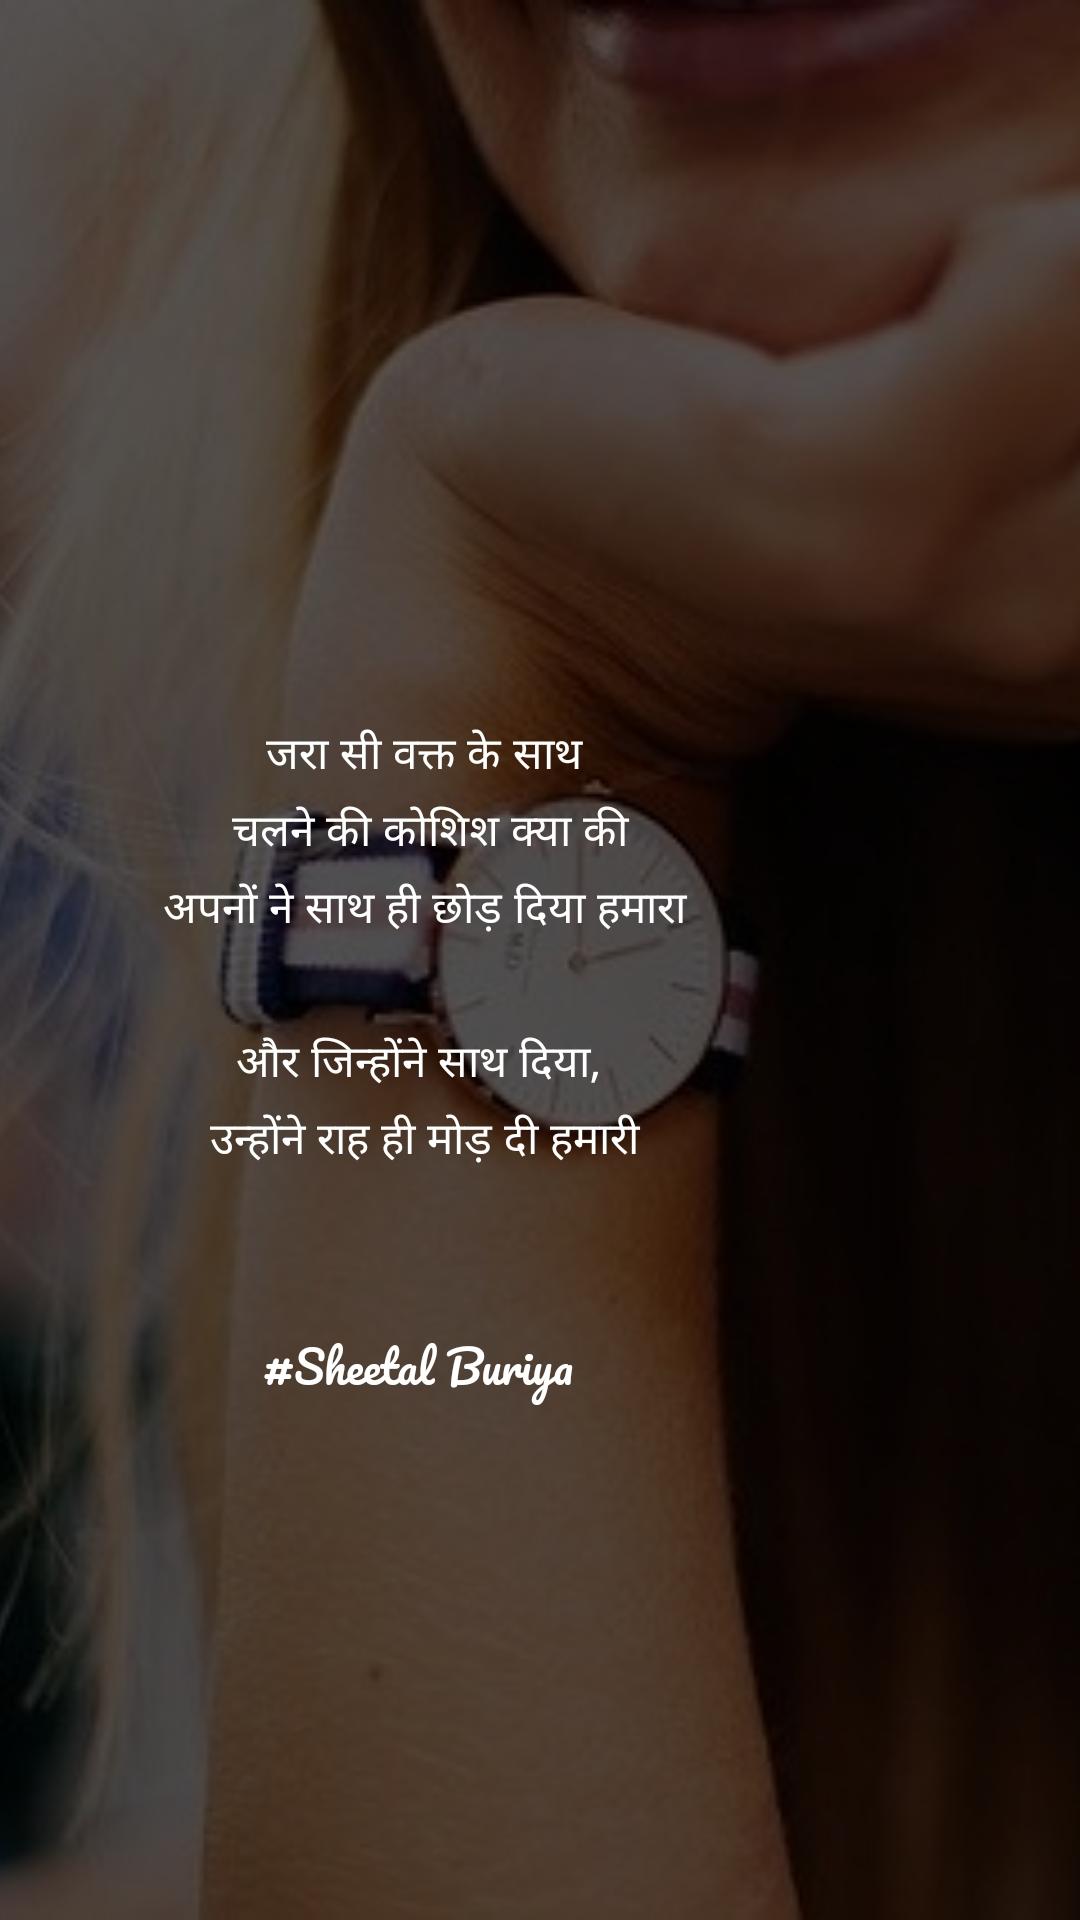 जरा सी वक्त के साथ  चलने की कोशिश क्या की अपनों ने साथ ही छोड़ दिया हमारा  और जिन्होंने साथ दिया,  उन्होंने राह ही मोड़ दी हमारी    #Sheetal Buriya